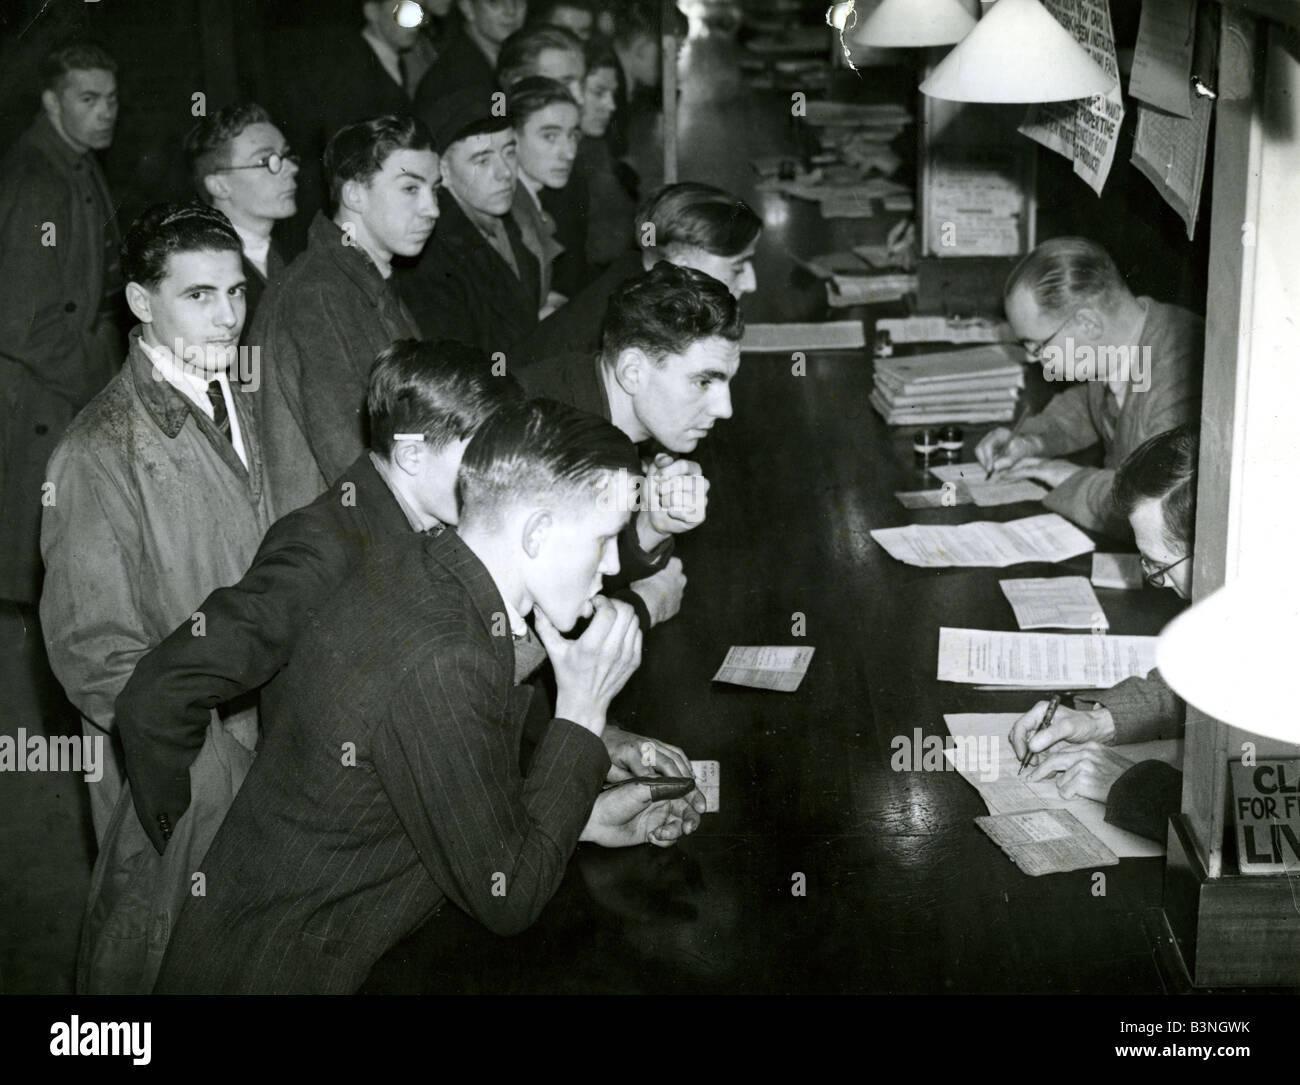 SERVICE NATIONAL en 18 ans signe sur dans les années 1950 Photo Stock